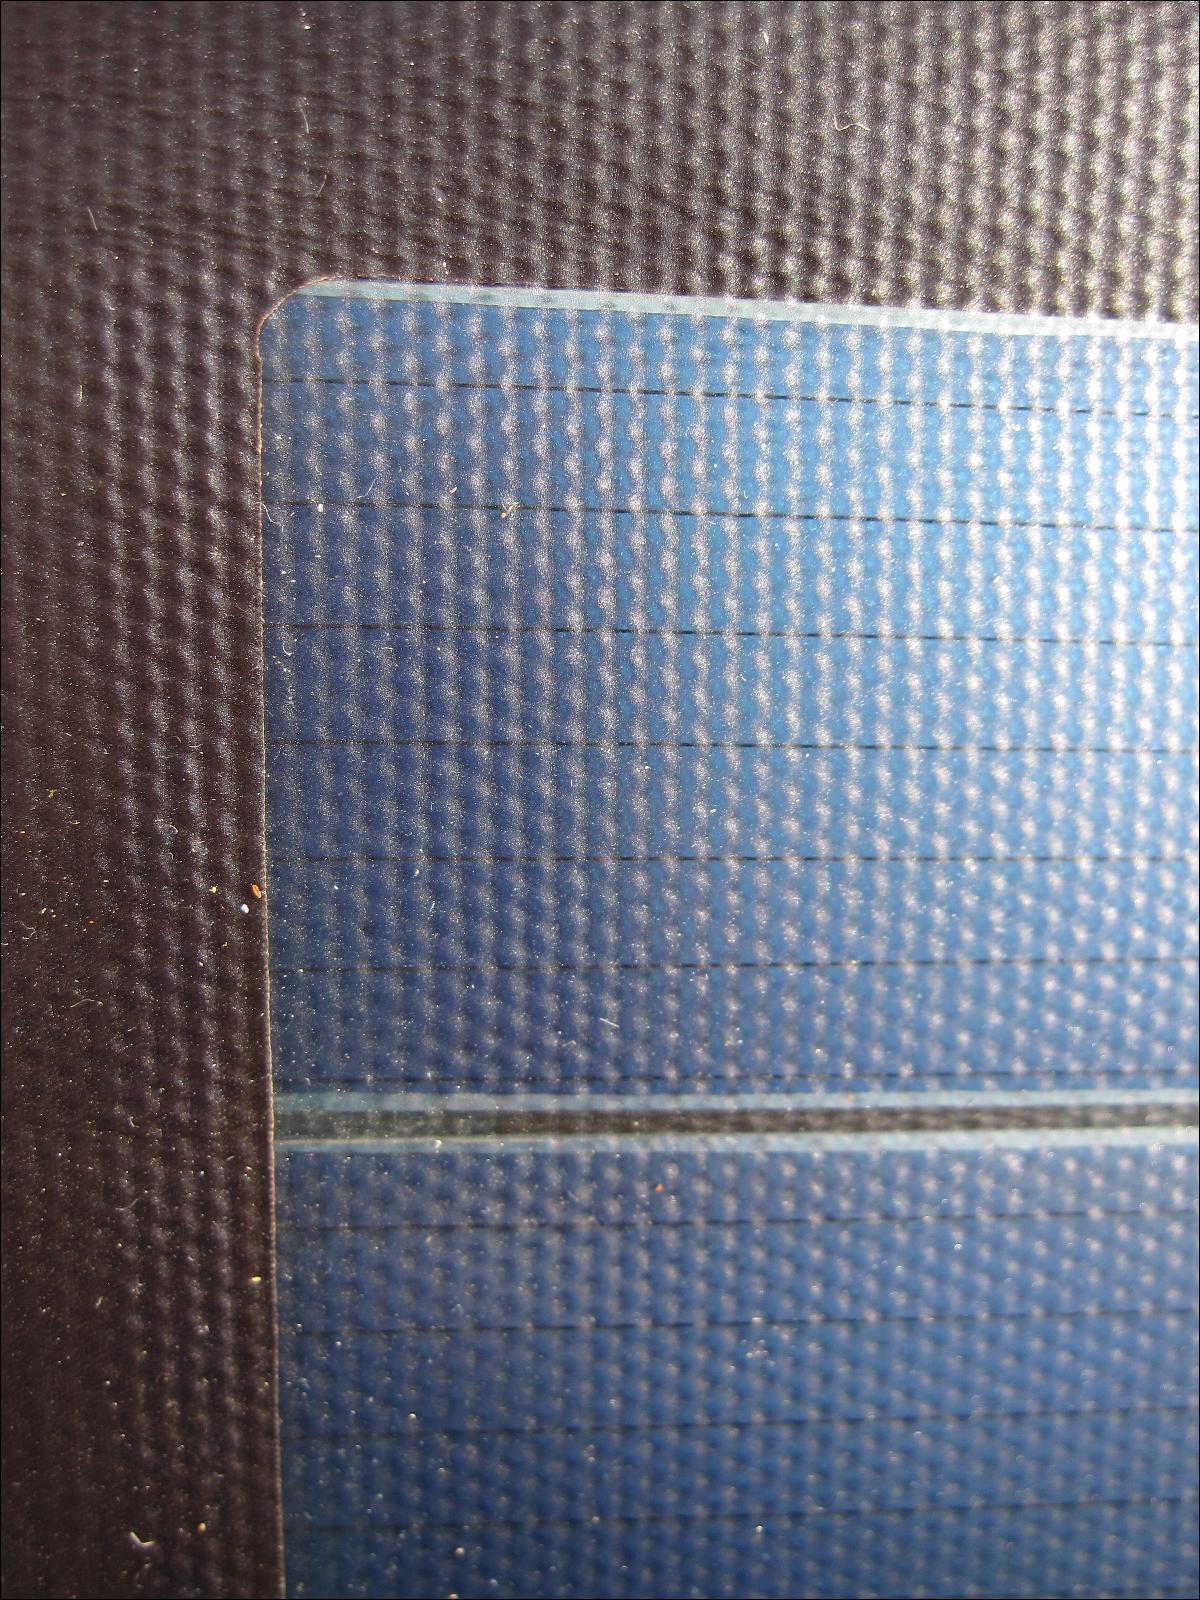 panneau solaire usb powertec pt3. Black Bedroom Furniture Sets. Home Design Ideas